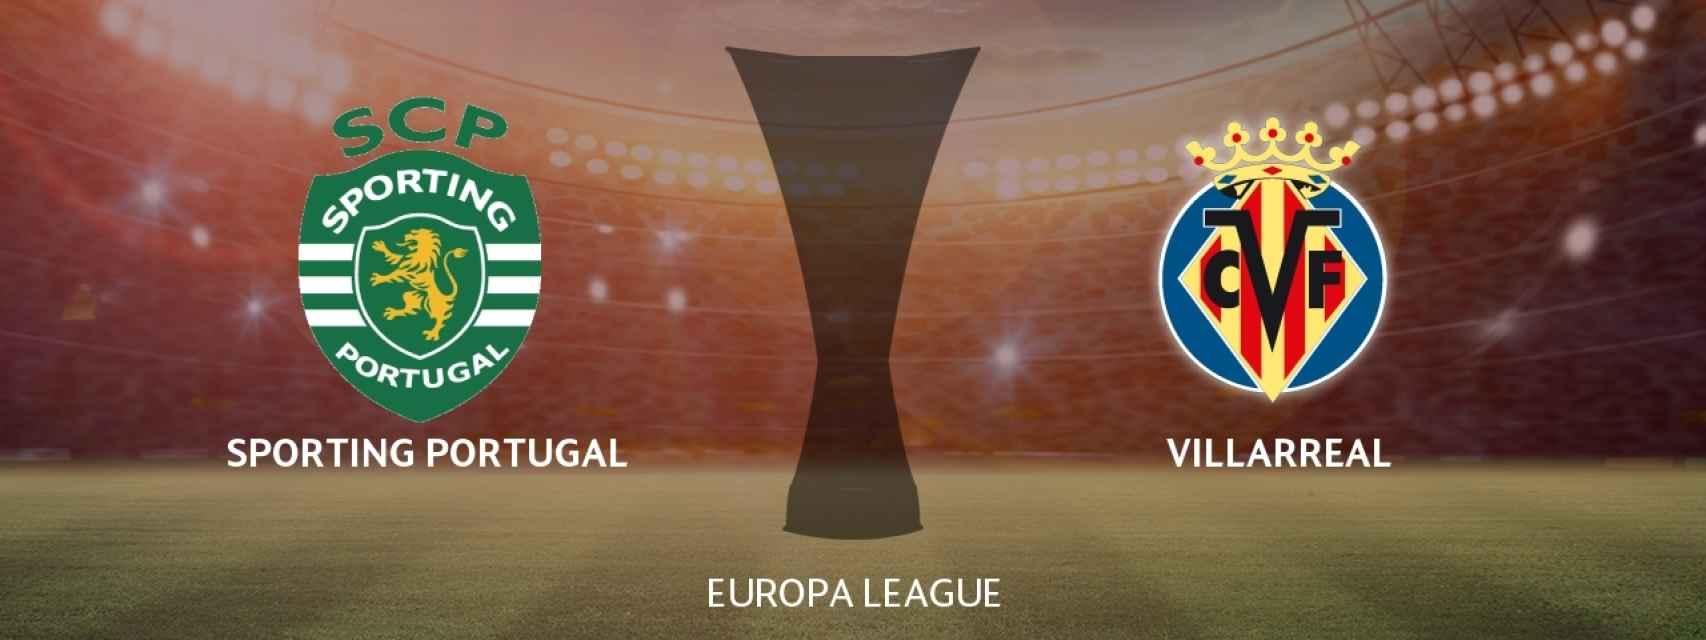 Sporting de Portugal - Villarreal